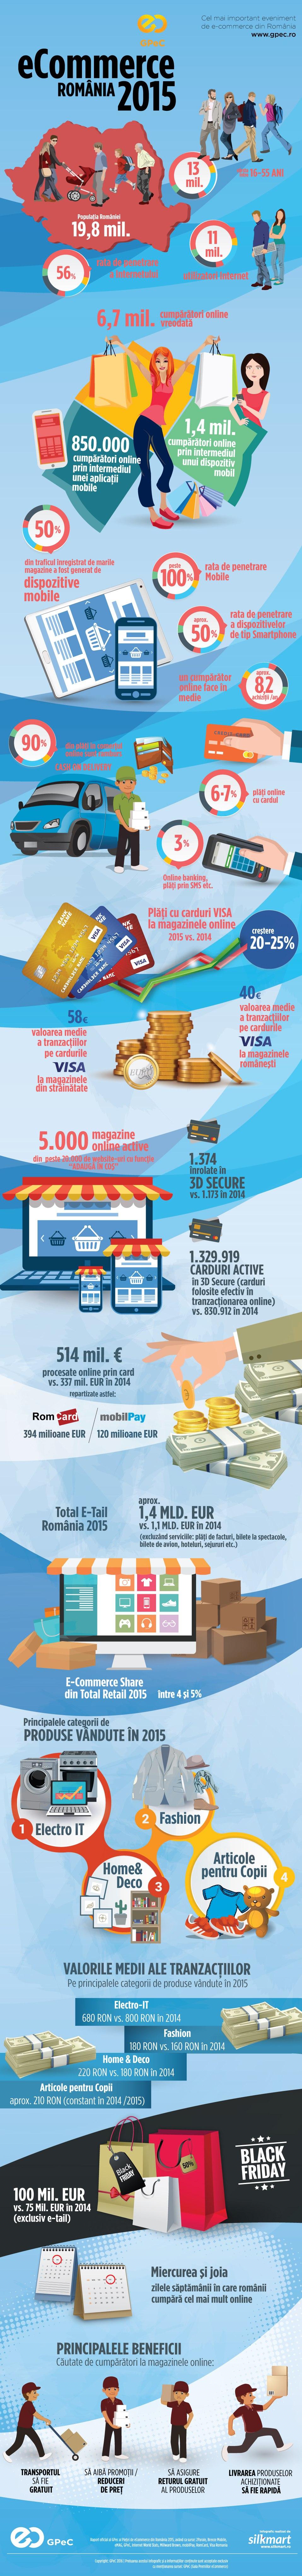 infografic ecommerce romania 2015